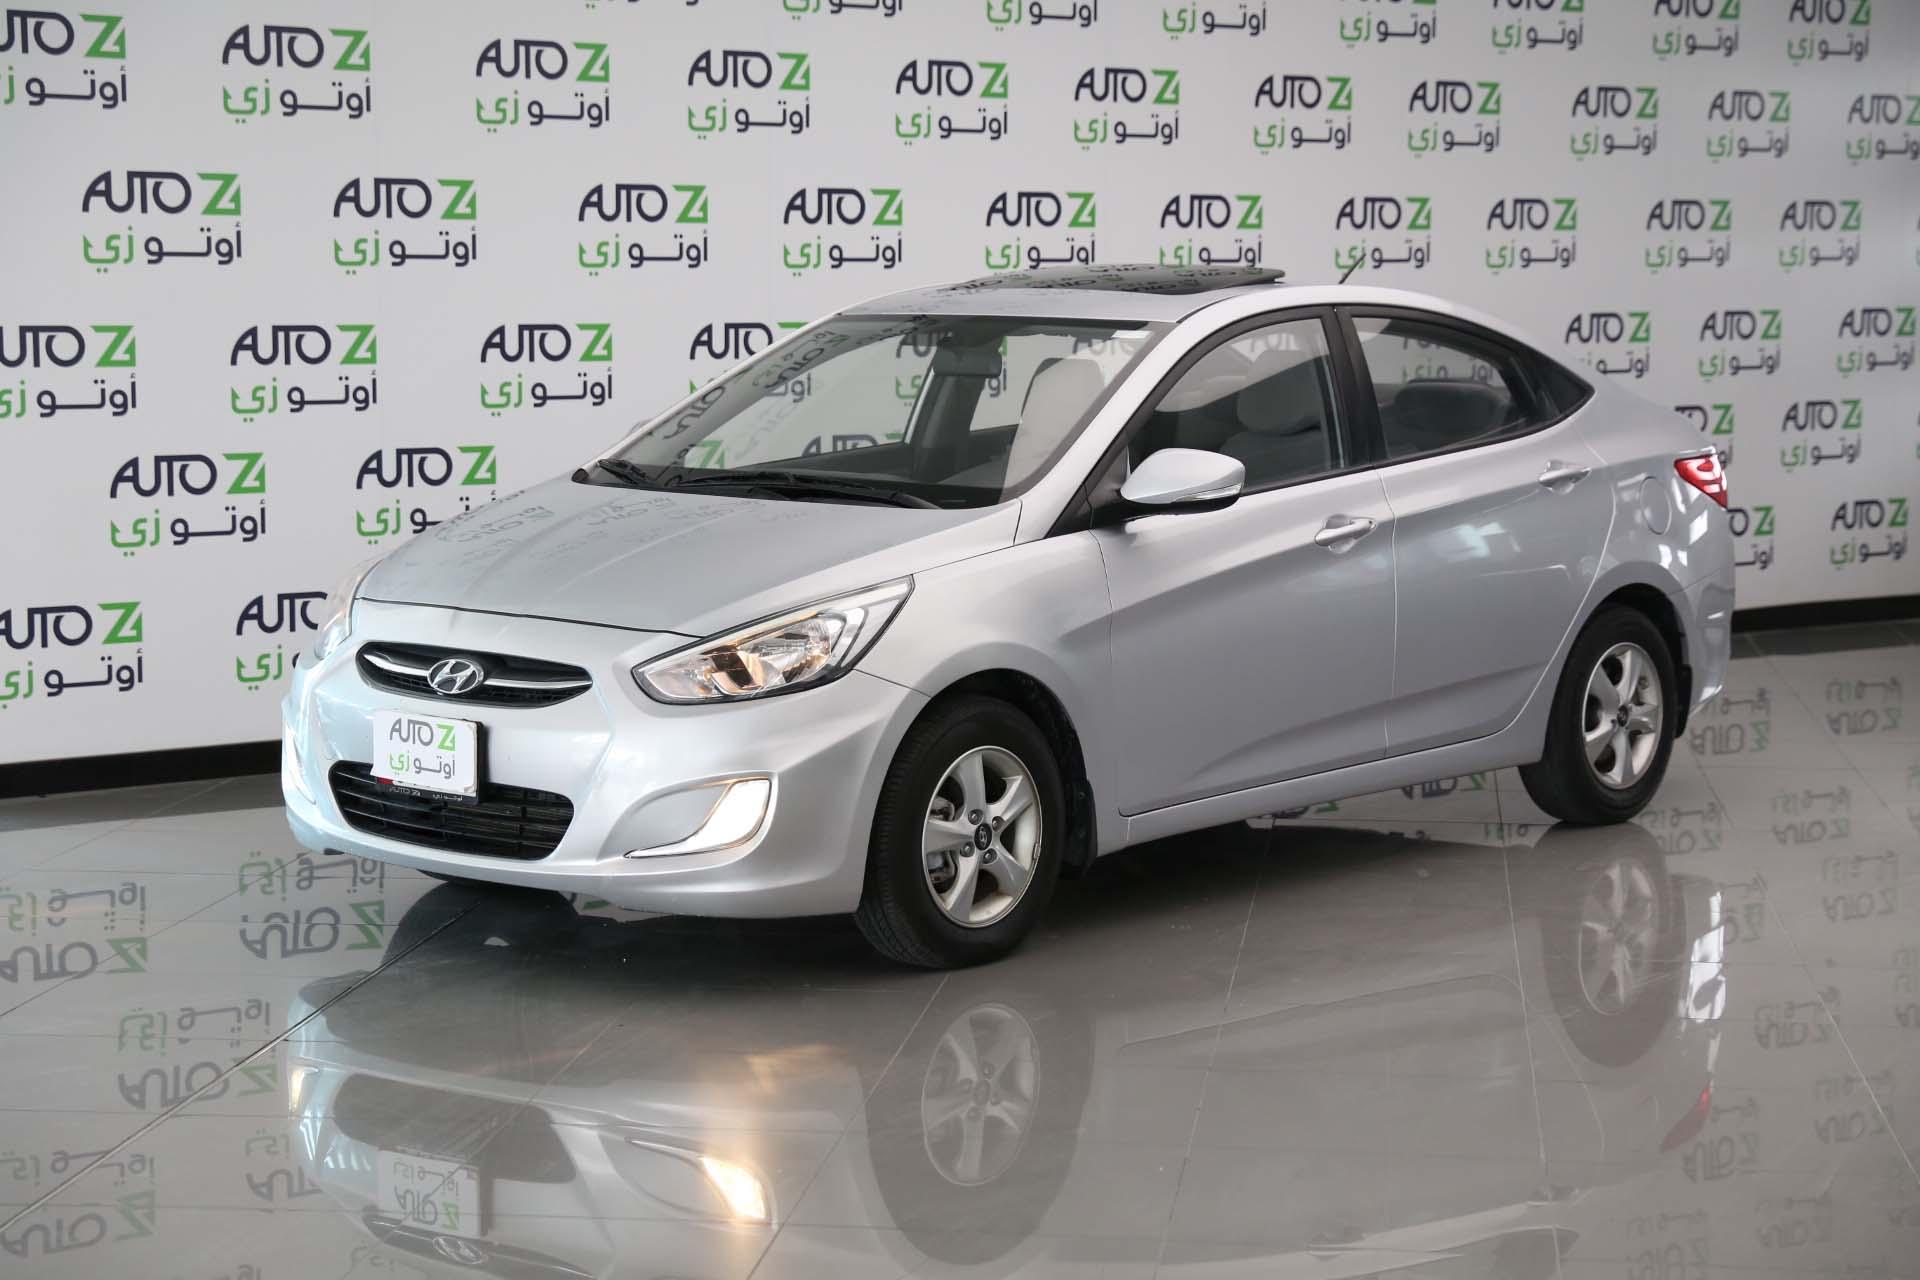 Hyundai Accent 1.6 -Silver